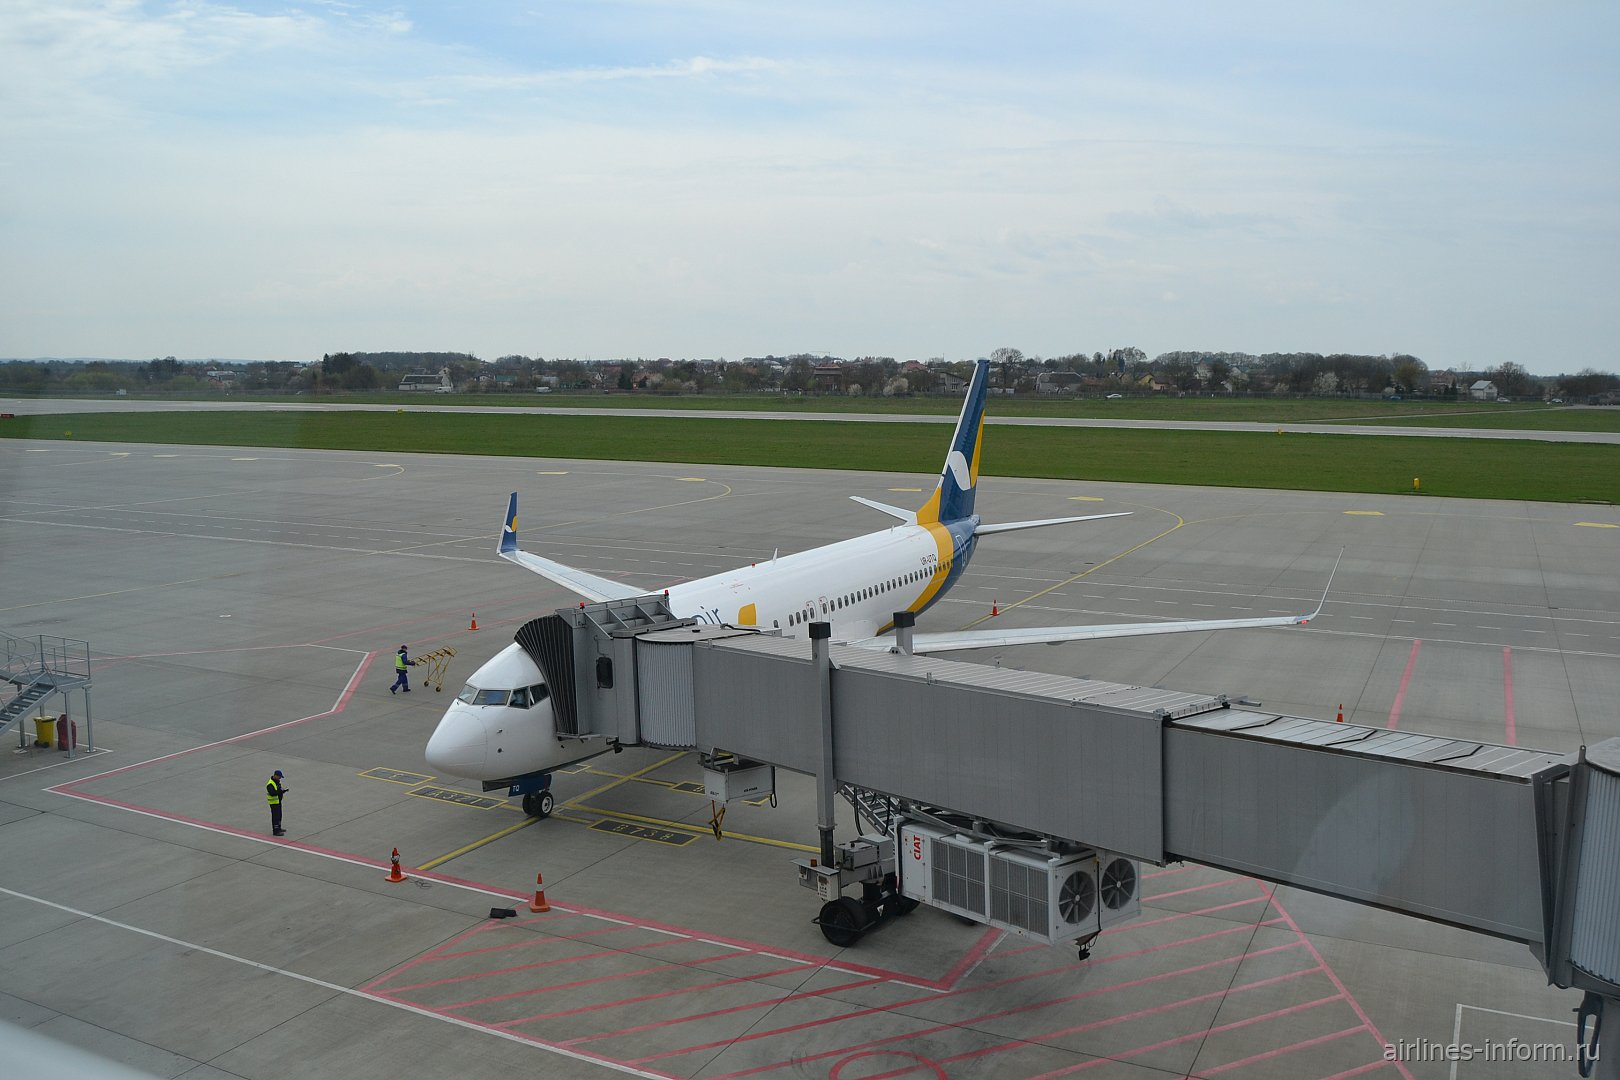 Турция на майские. Львов (LWO) - Анталья (AYT) B738 Azur Air Ukraine.